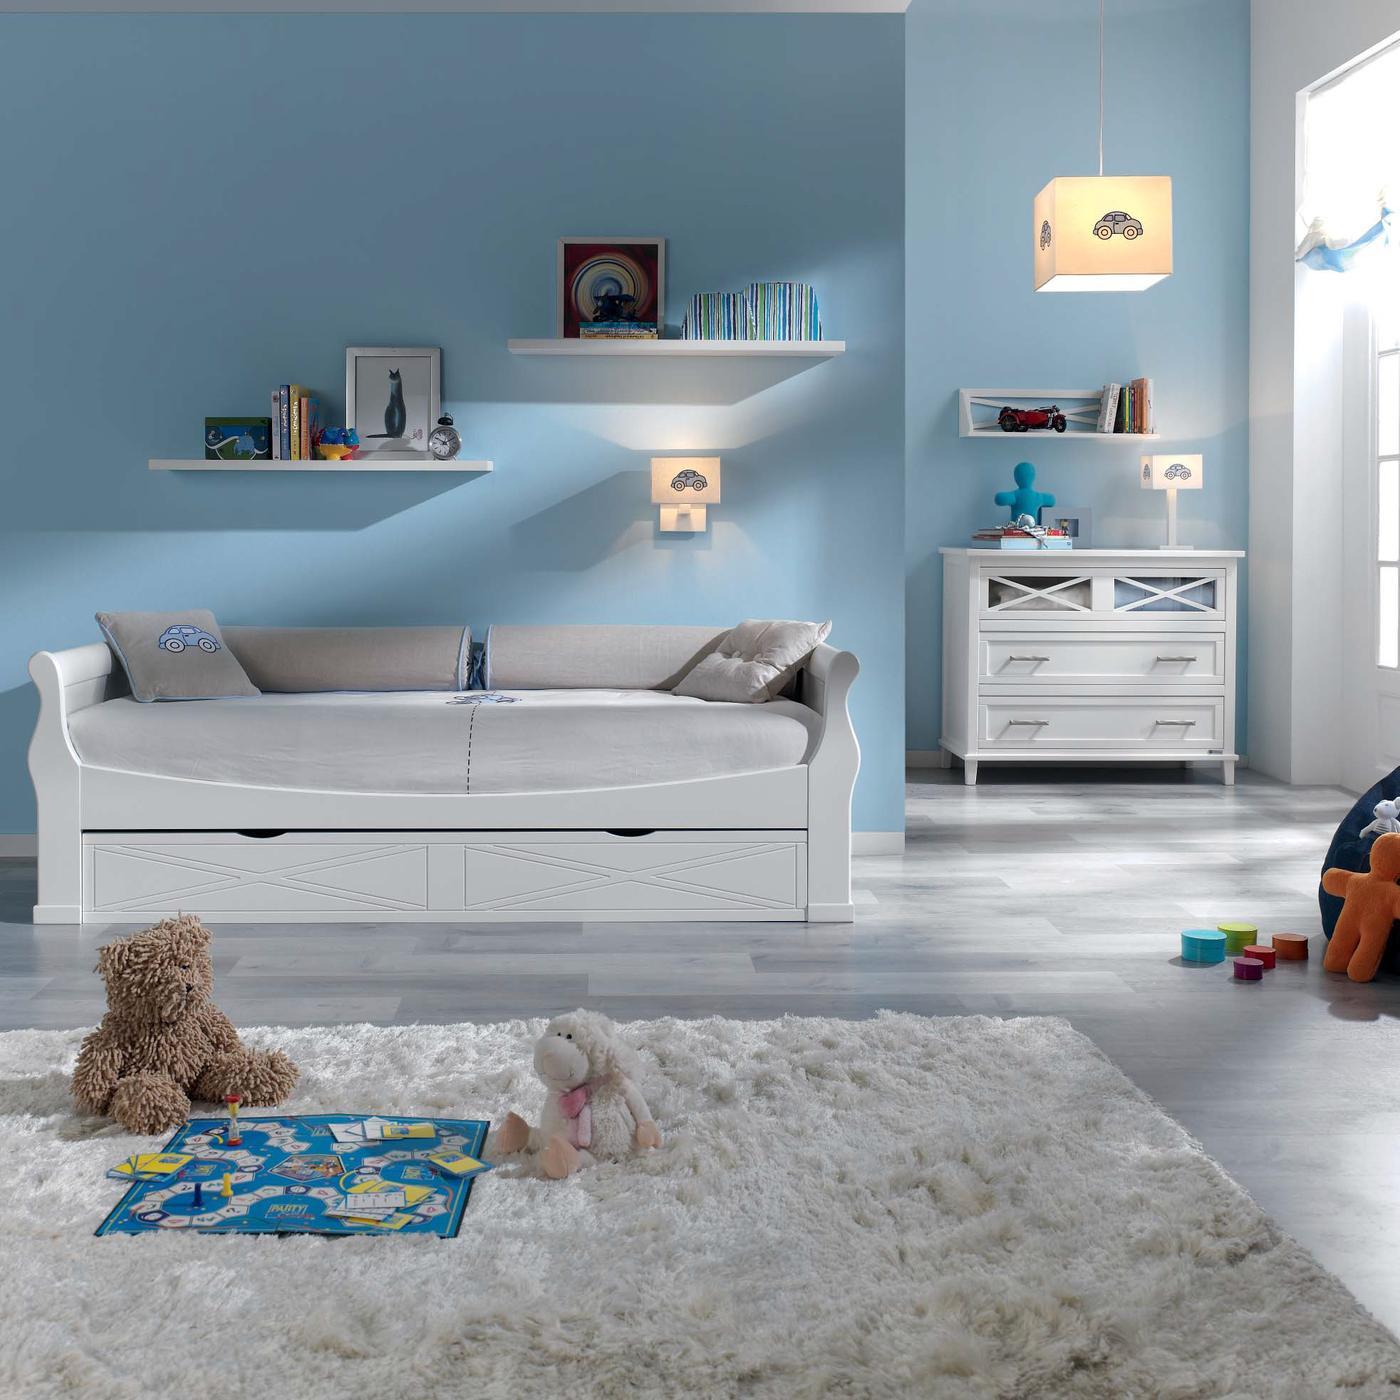 Ideas de cama nido blanca para habitaciones infantiles - Habitaciones infantiles de dos camas ...